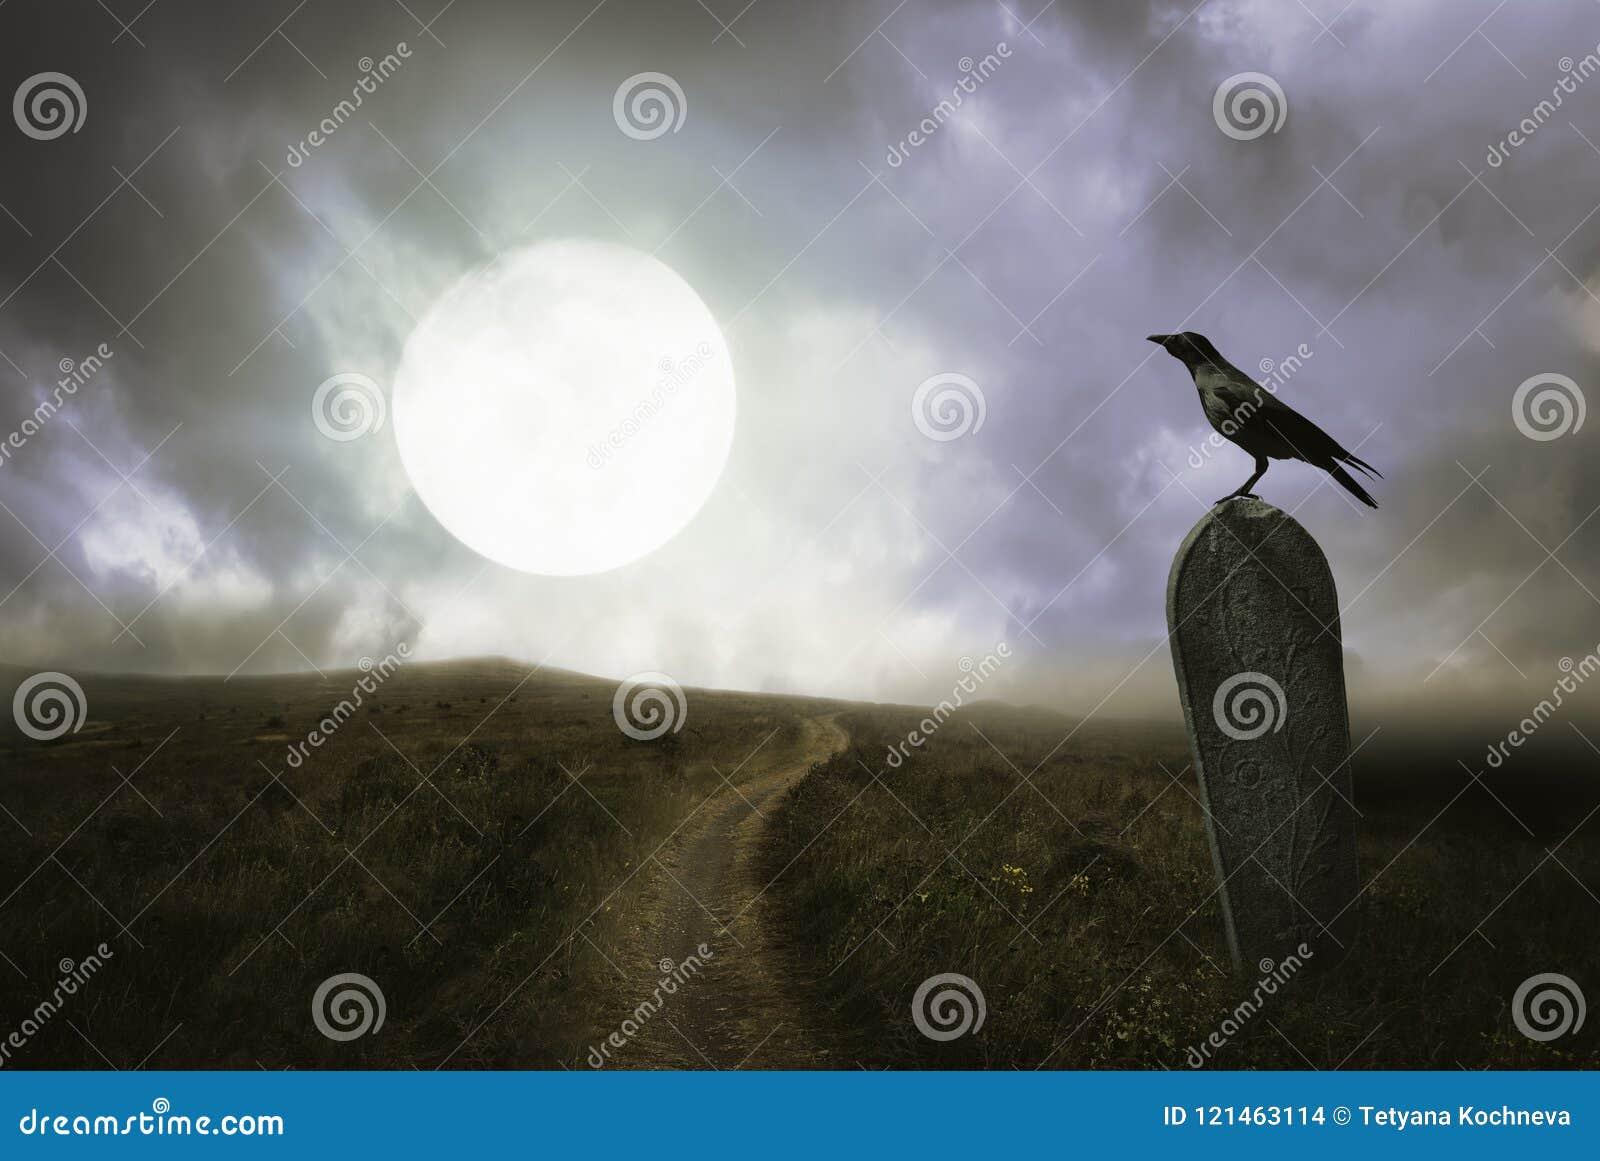 Halloween-Hintergrund mit Raben und Grab